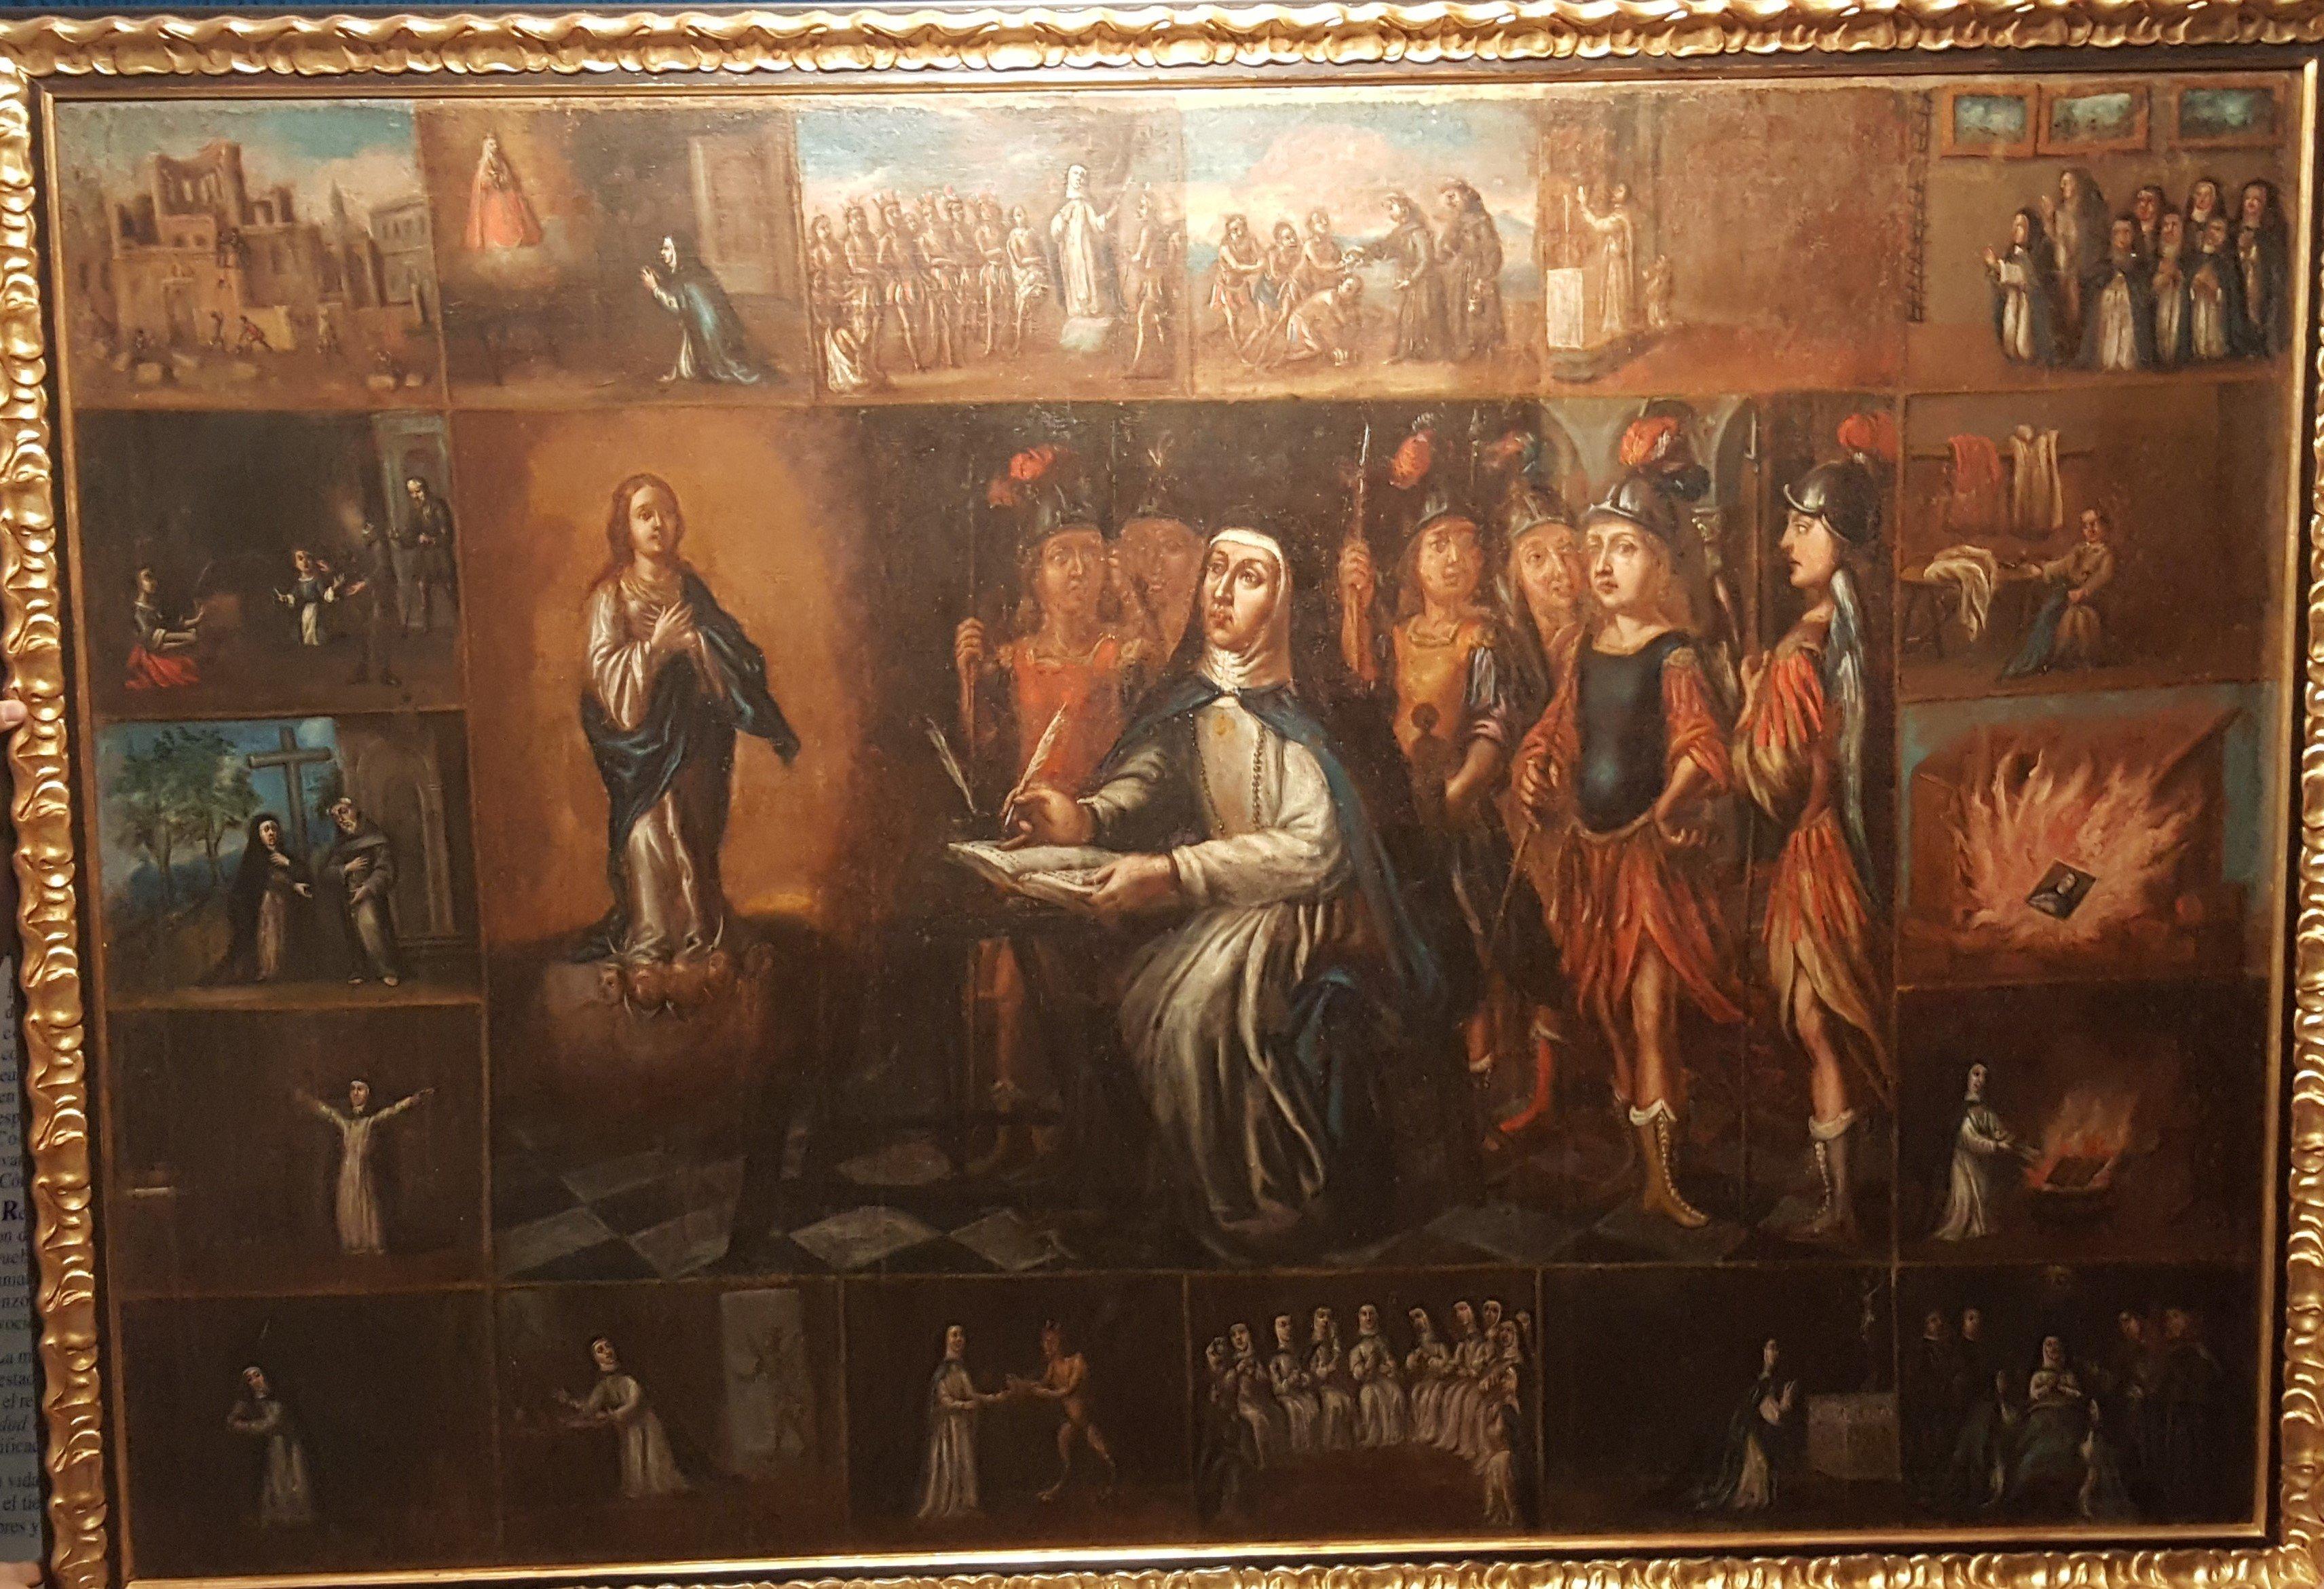 María de Agreda la modernidad siempre acaba en mediocridad